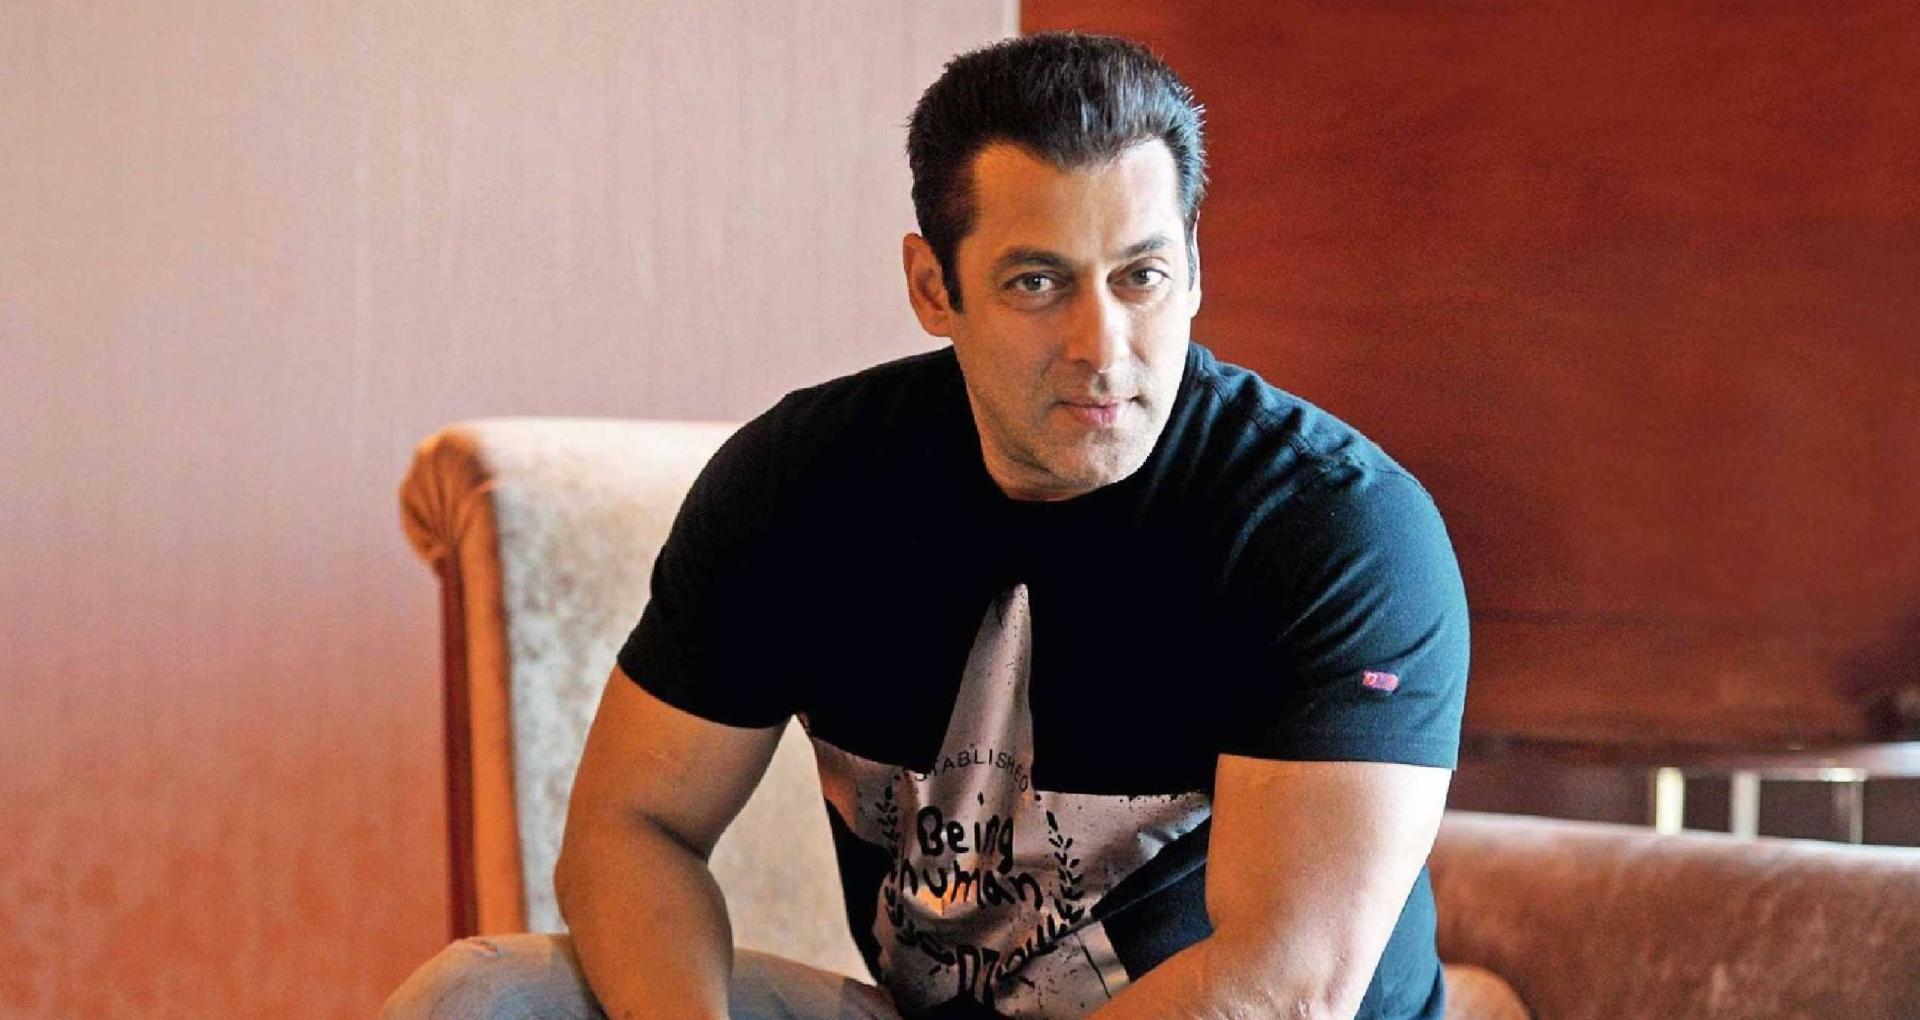 सलमान खान ने फिल्म पीएम नरेंद्र मोदी पर जताई आपत्ति, इस गाने के इस्तेमाल से हैं बेहद नाराज